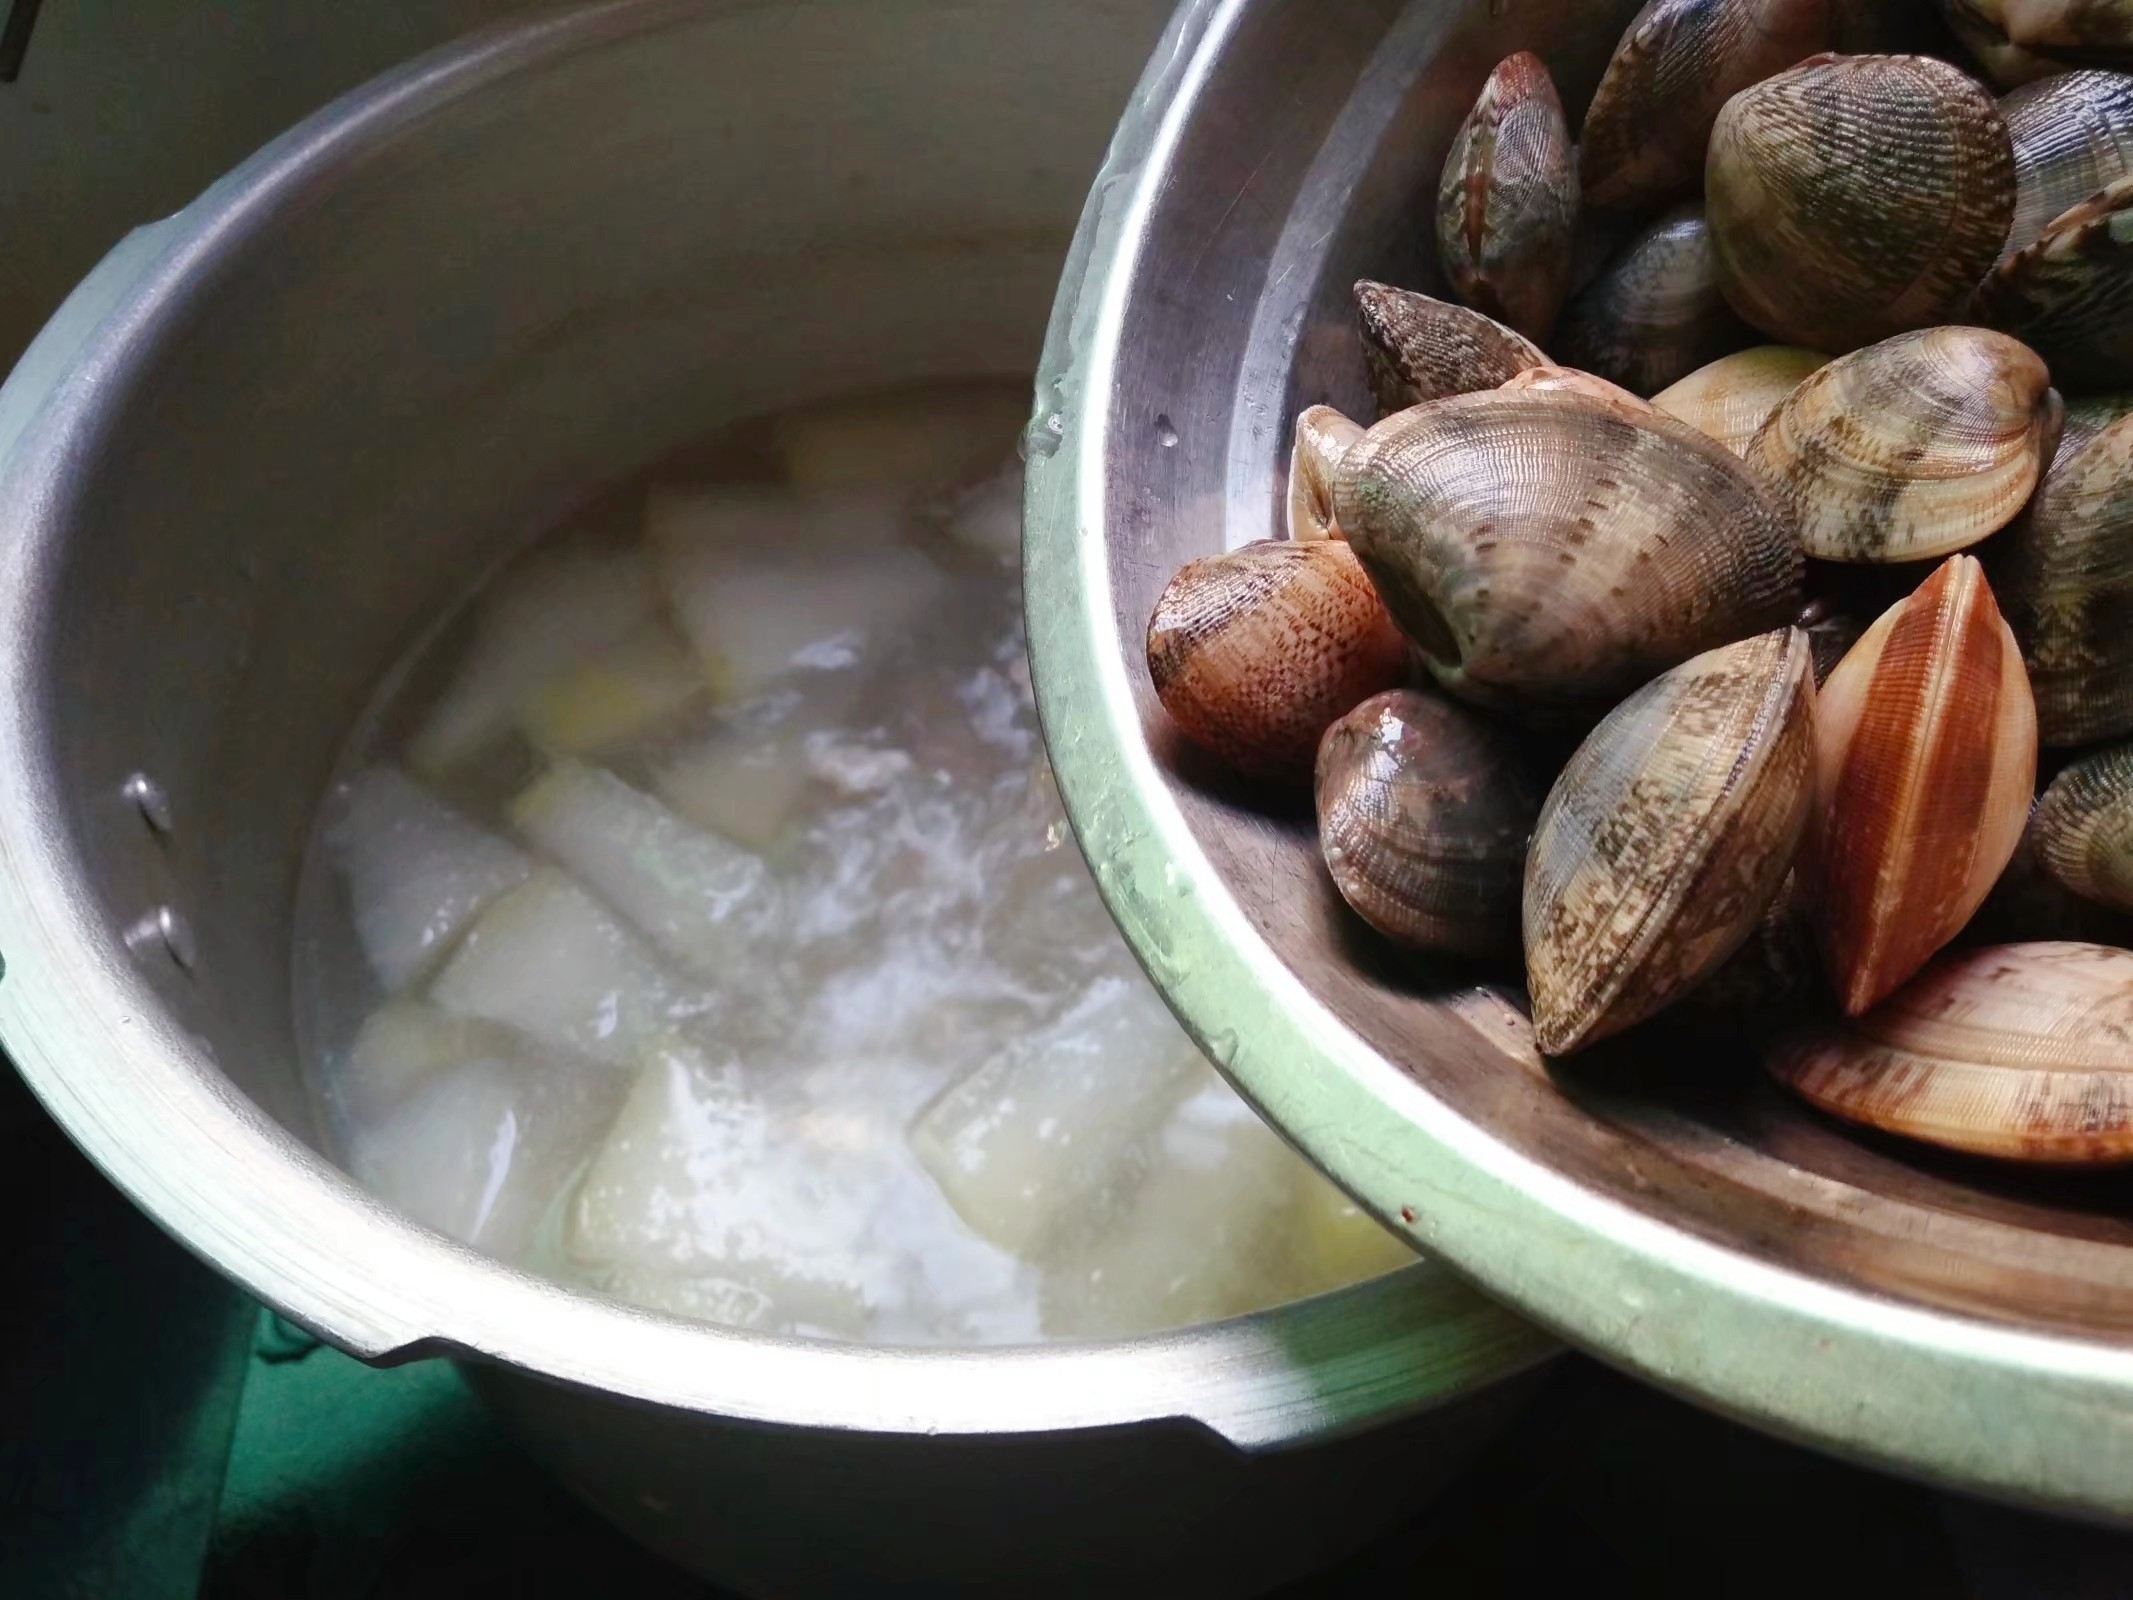 冬瓜花蛤肉片汤怎么炒